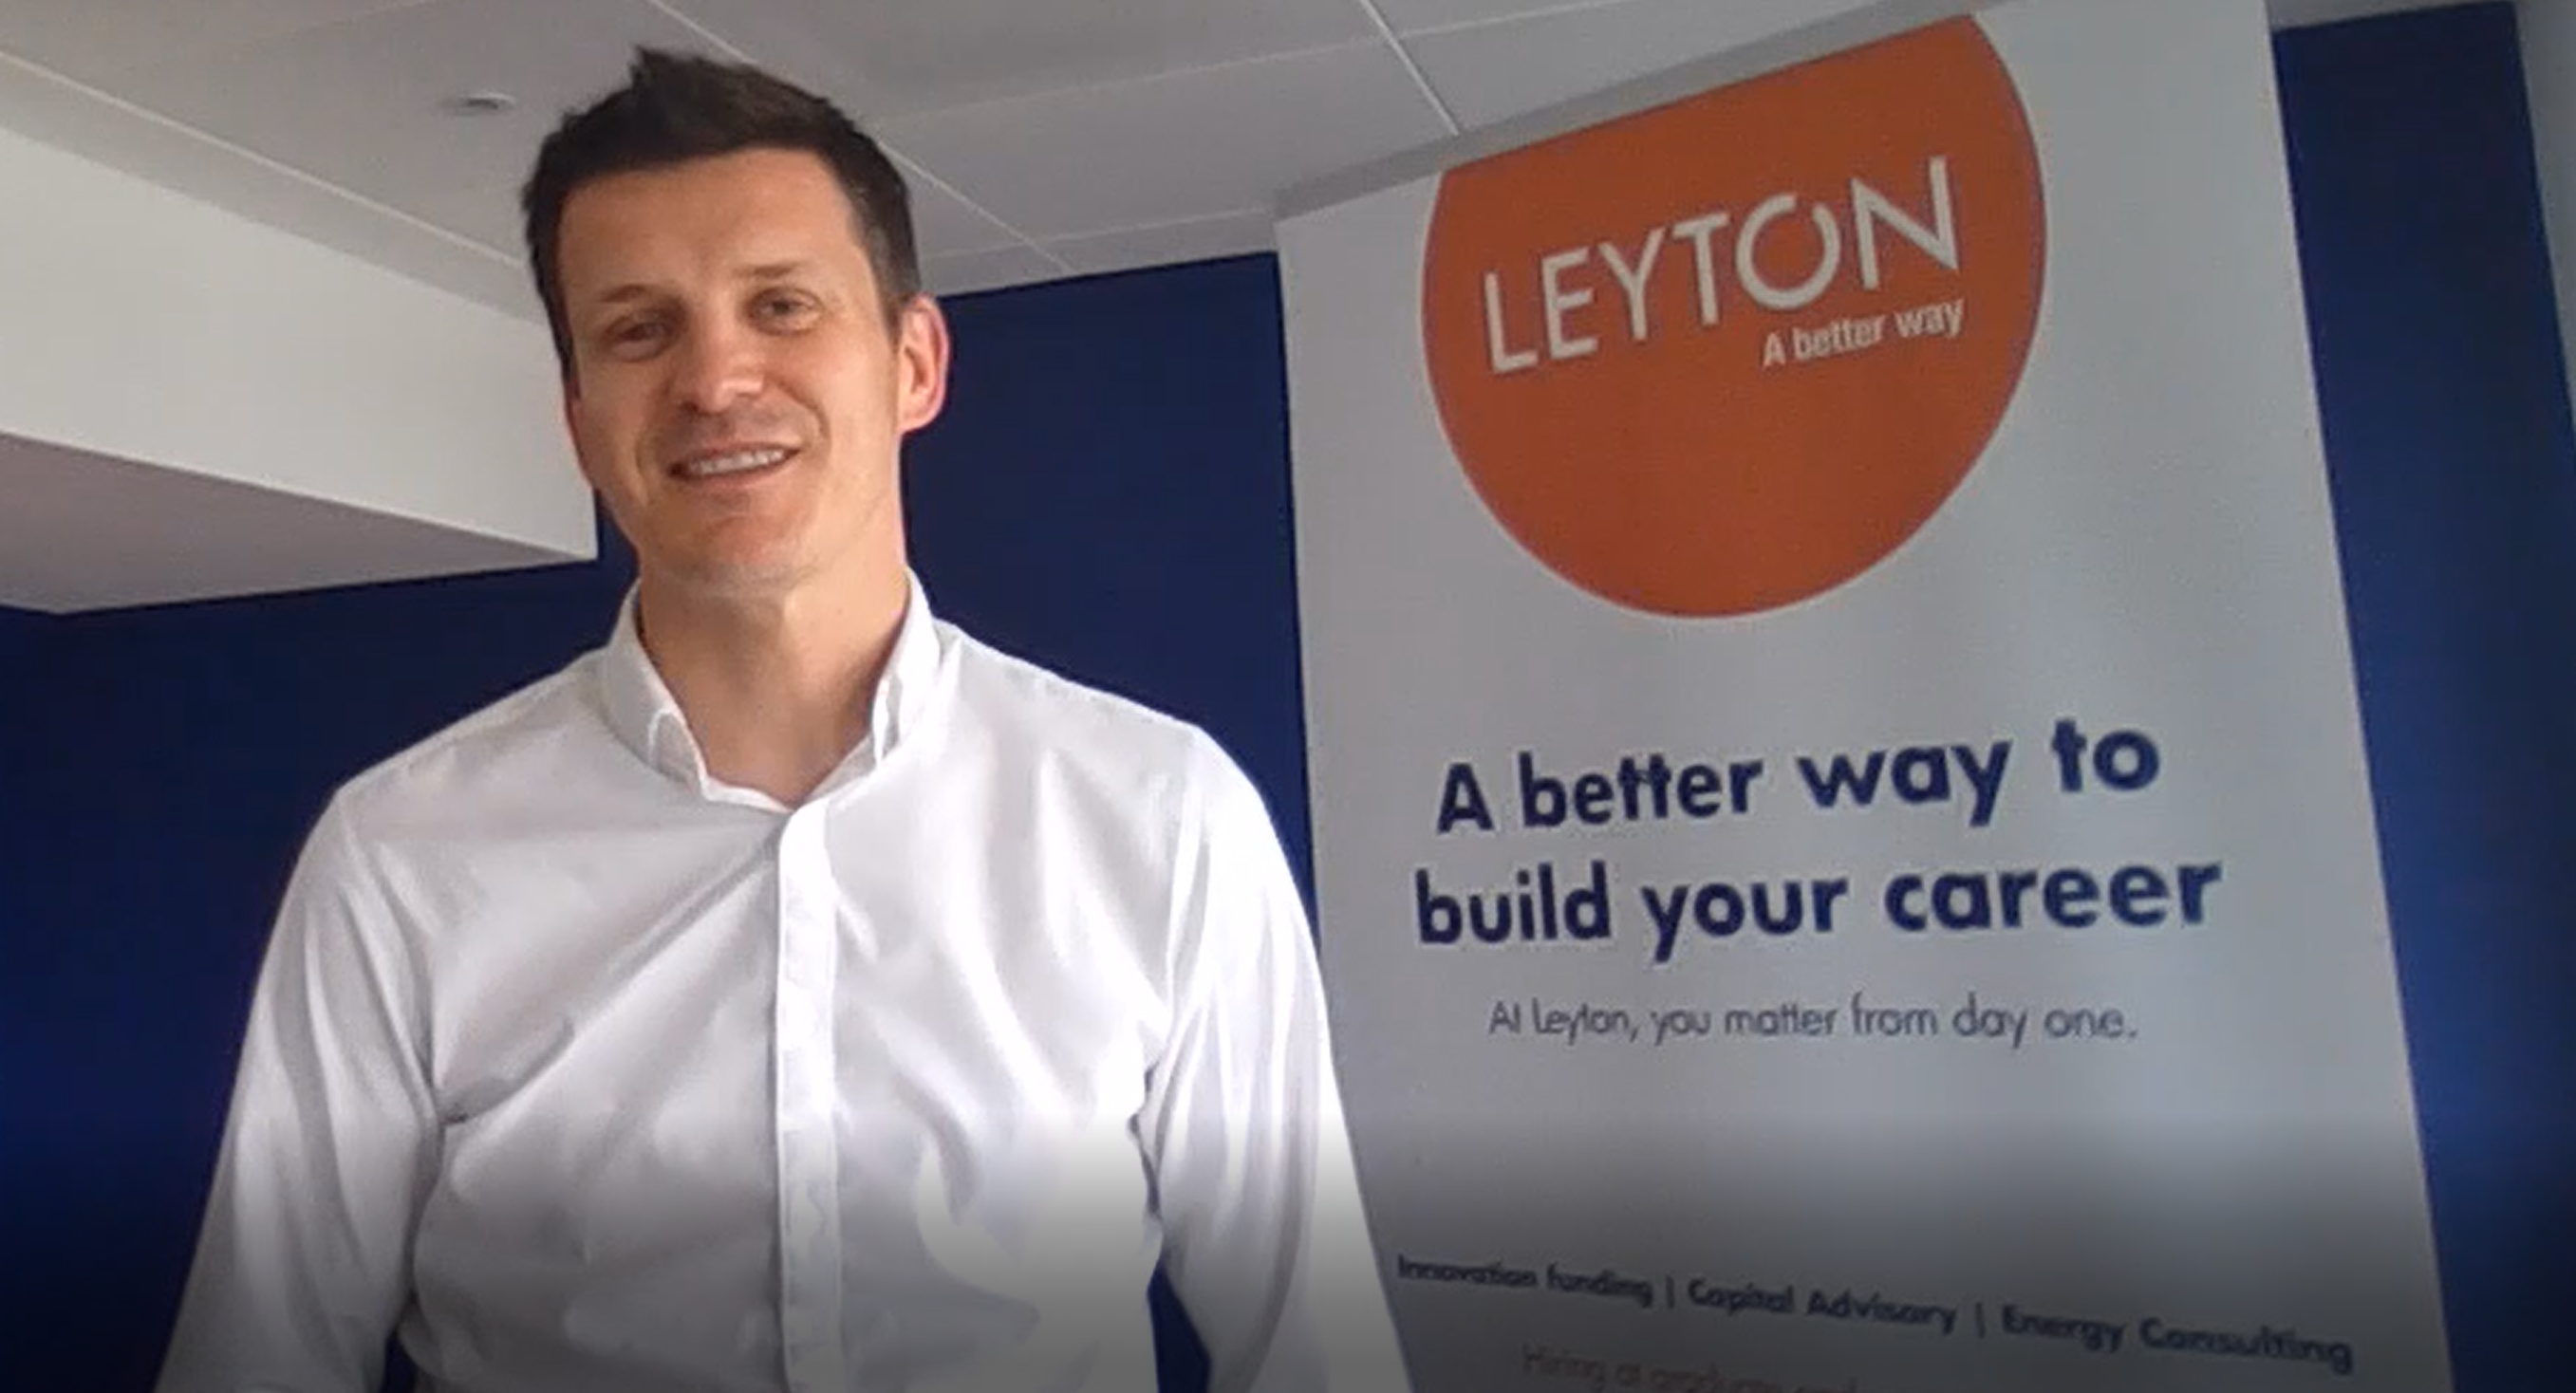 colleague-leyton banner